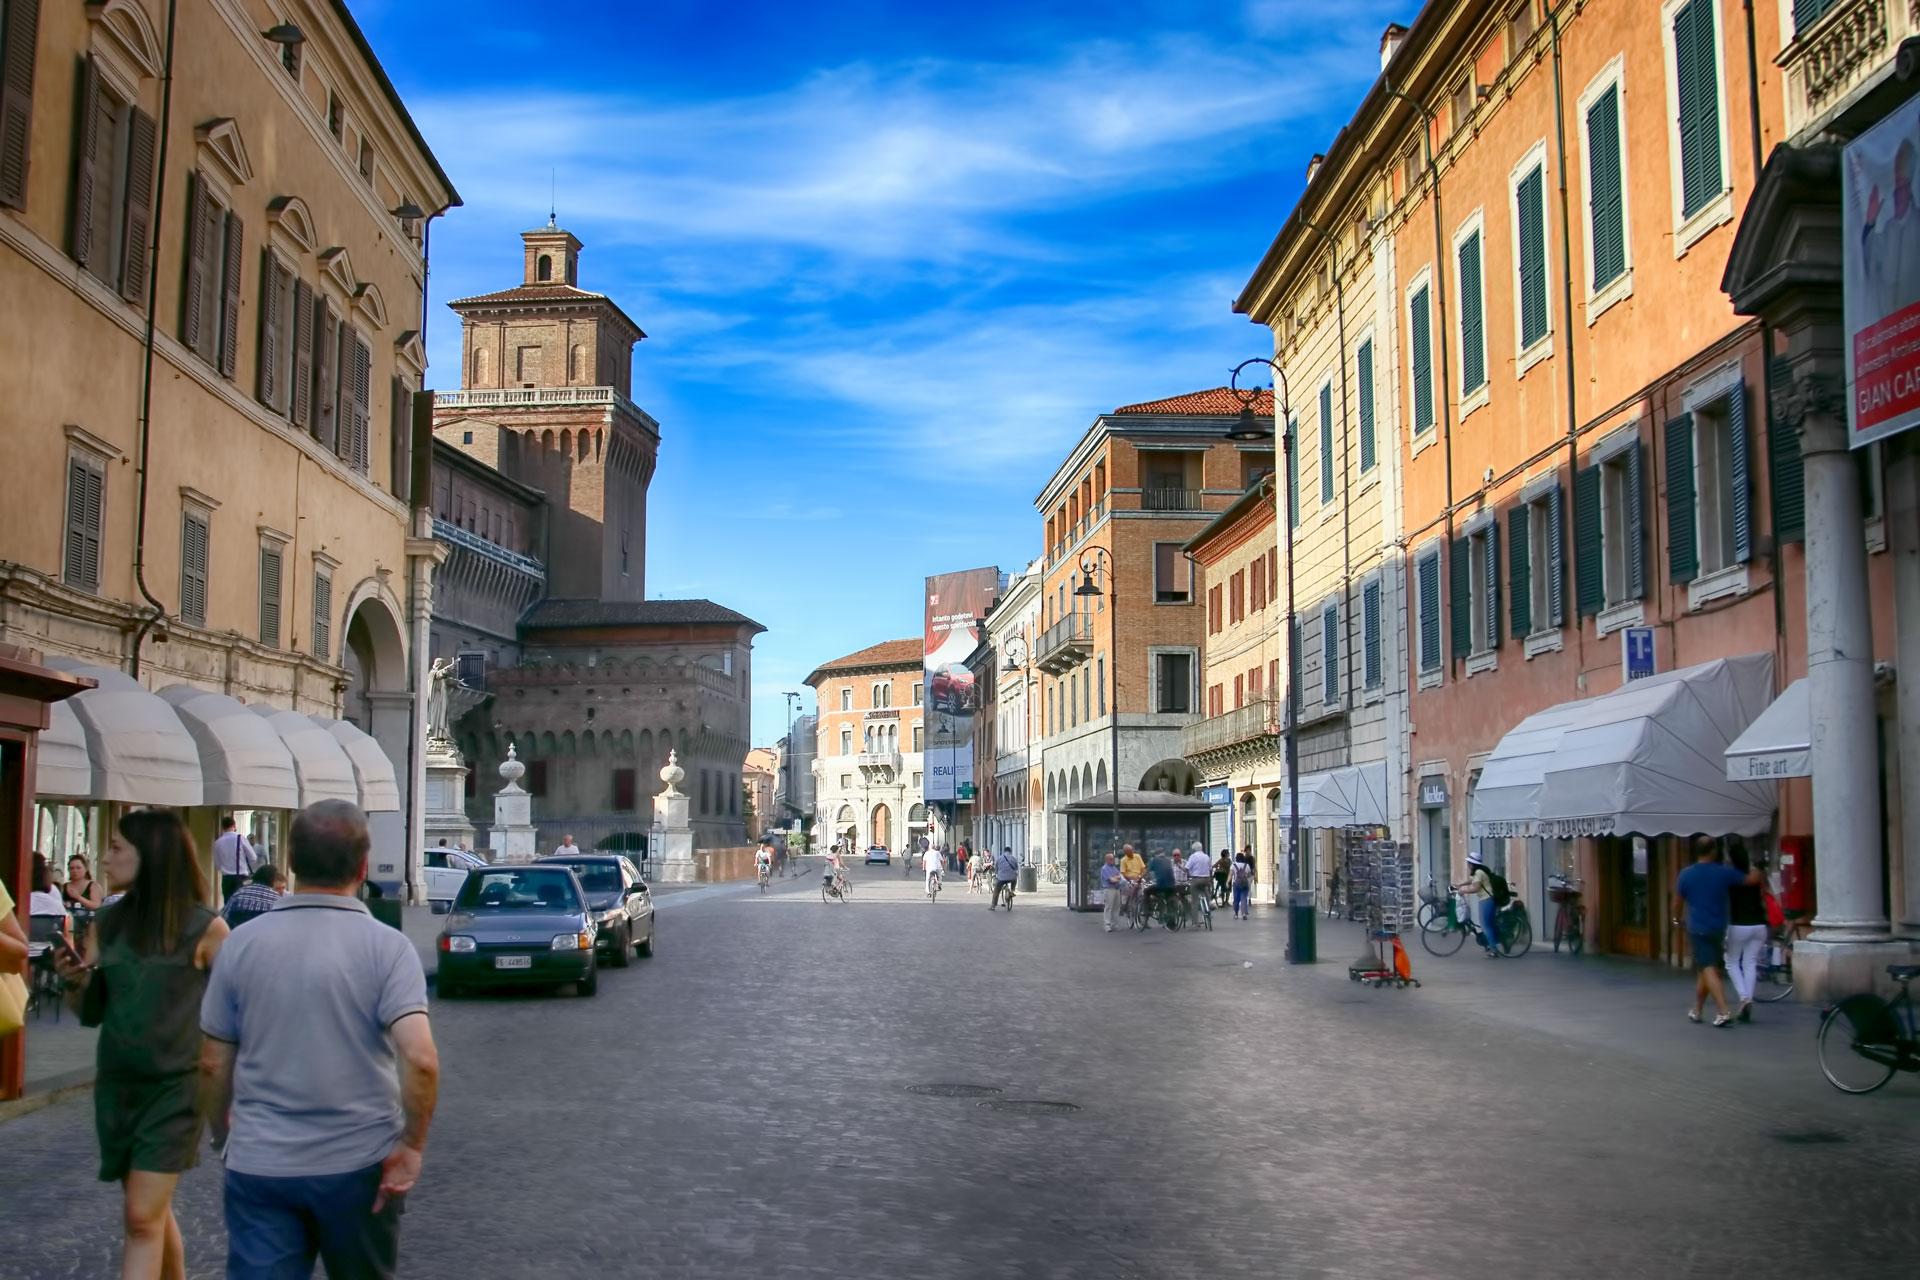 Ferrara Fotoğrafları Italya Gezilecek Yerler Çekergezer Hakan Aydın Gezgin Fotoğrafçı www.hakanaydın.com.tr www.cekergezer.com